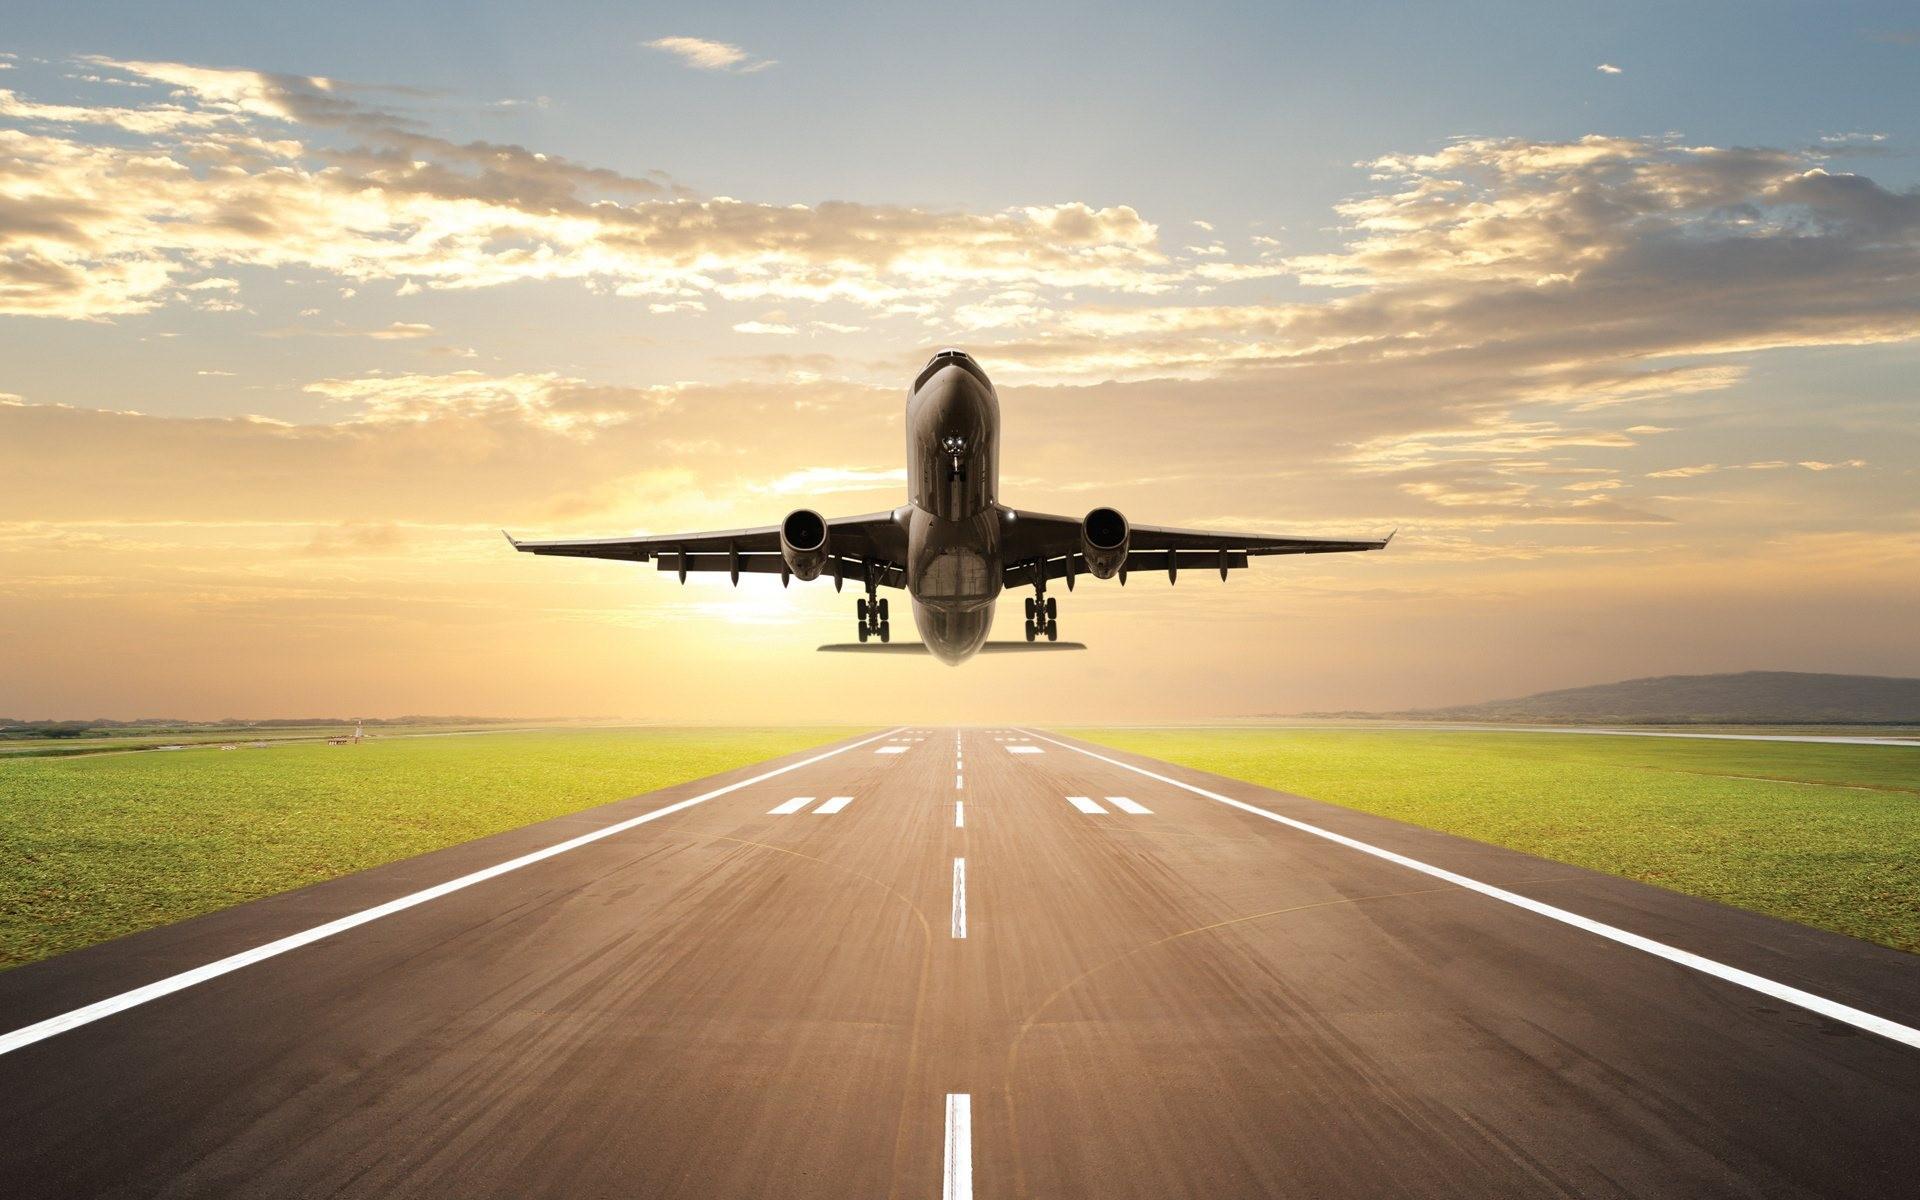 flight_takeoff-wide